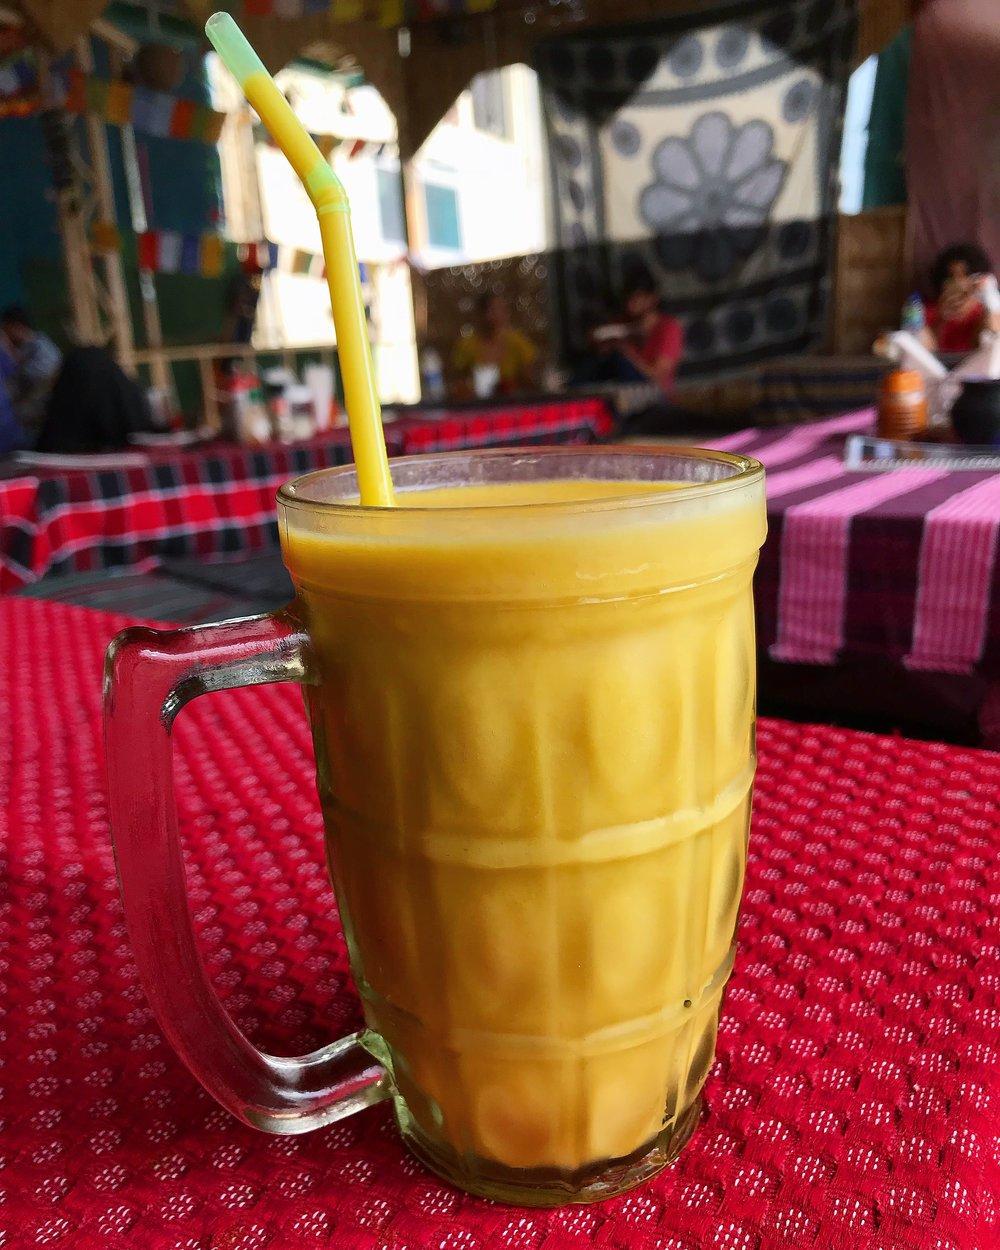 A delicious homemade soy mango smoothie at Shambala Cafe, Rishikesh.